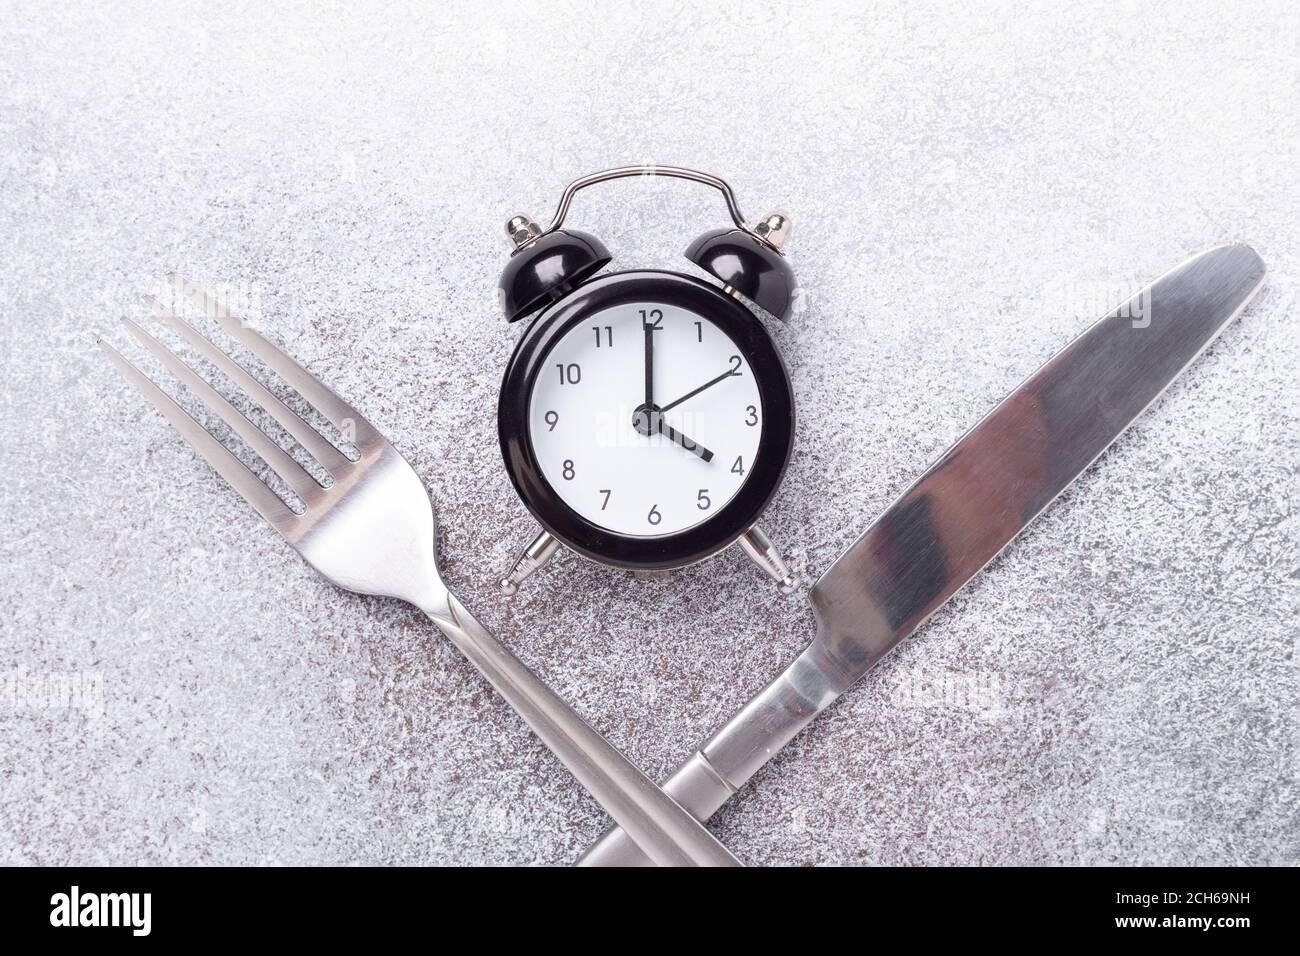 Reloj de alarma negro, tenedor, cuchillo sobre fondo oscuro. Concepto de ayuno intermitente - imagen Foto de stock